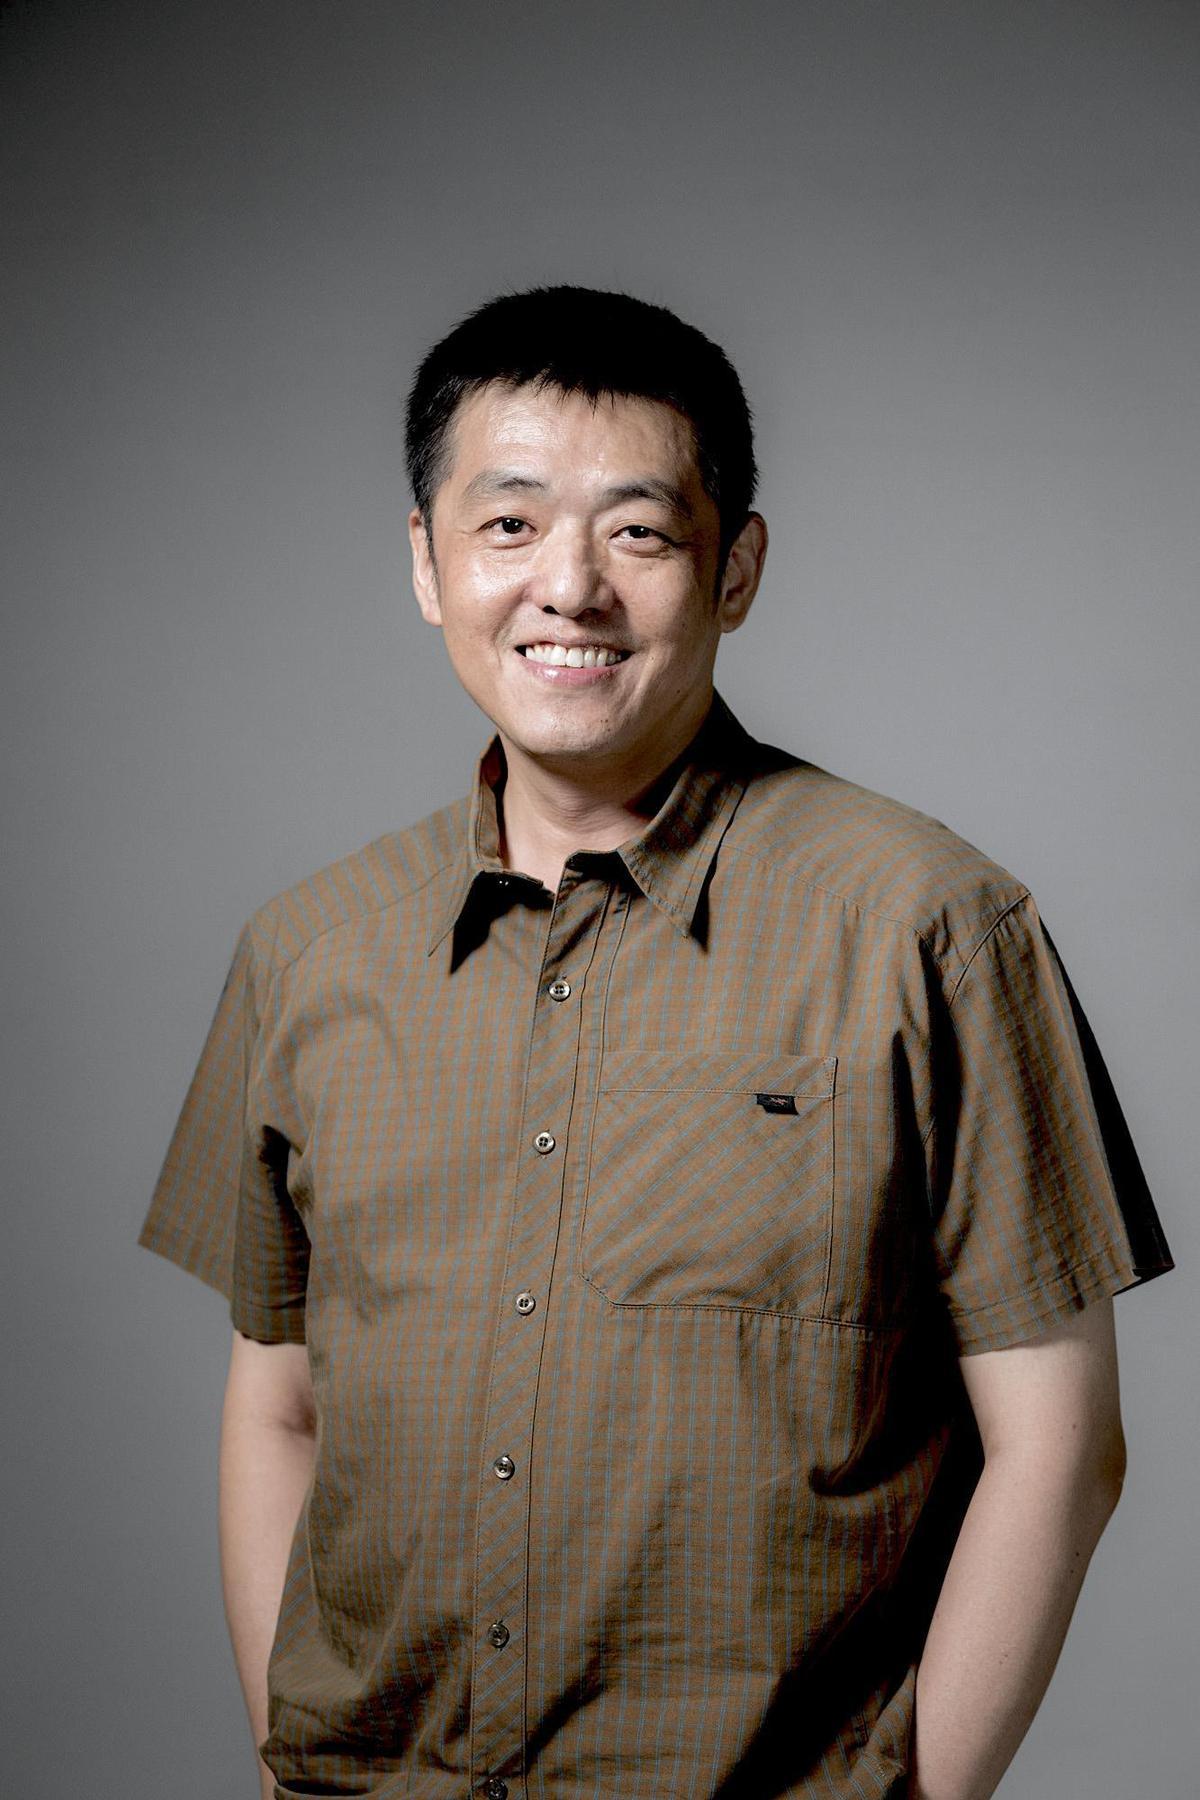 侯孝賢班底的電影配樂林強獲邀為影藝學院會員。(台北電影節提供)